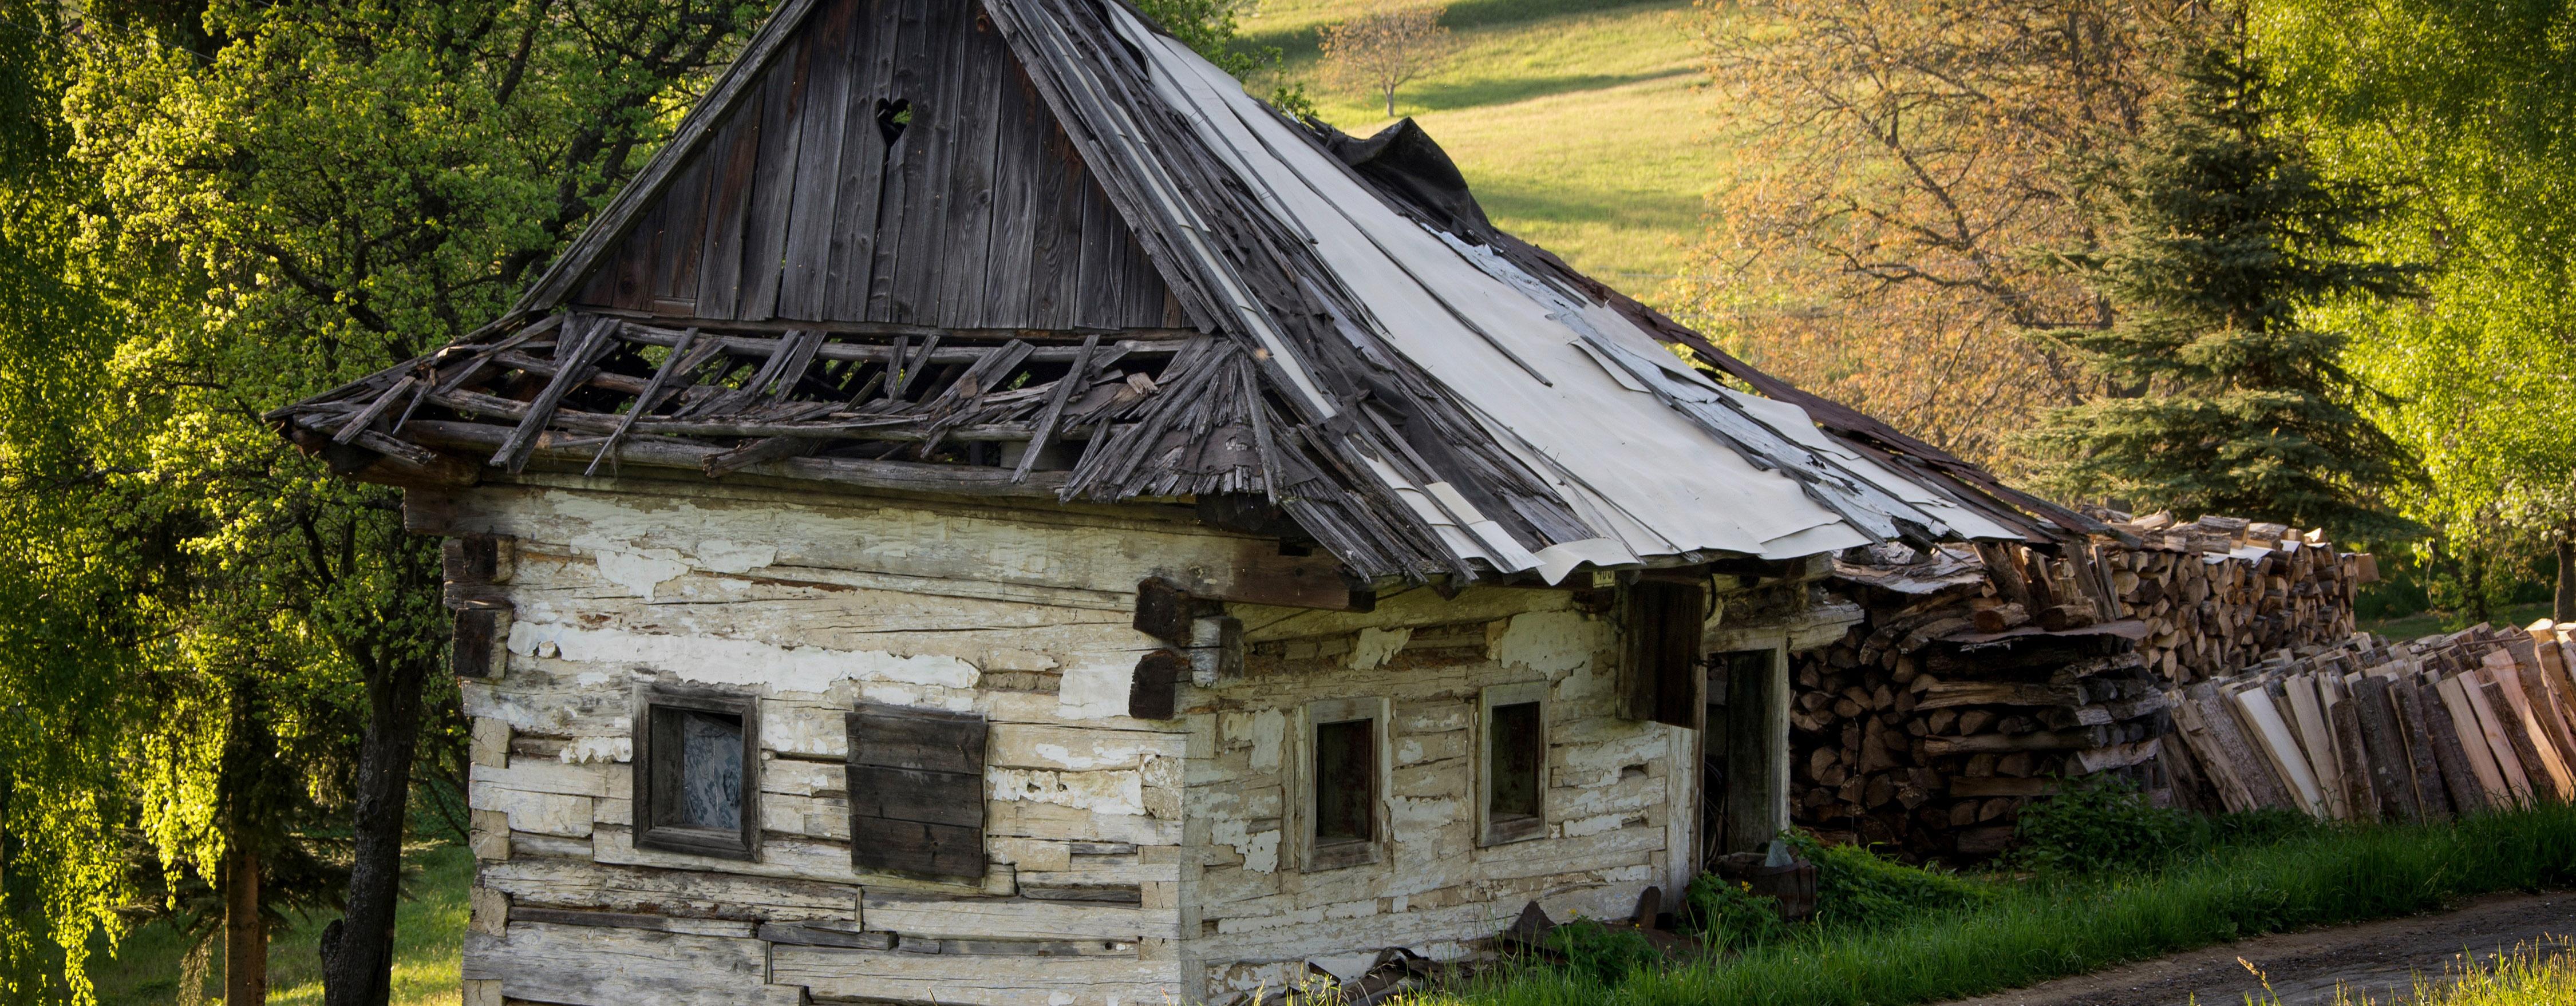 Viac skúsenosti a aj táto drevenica mohla prežiť viac generácií